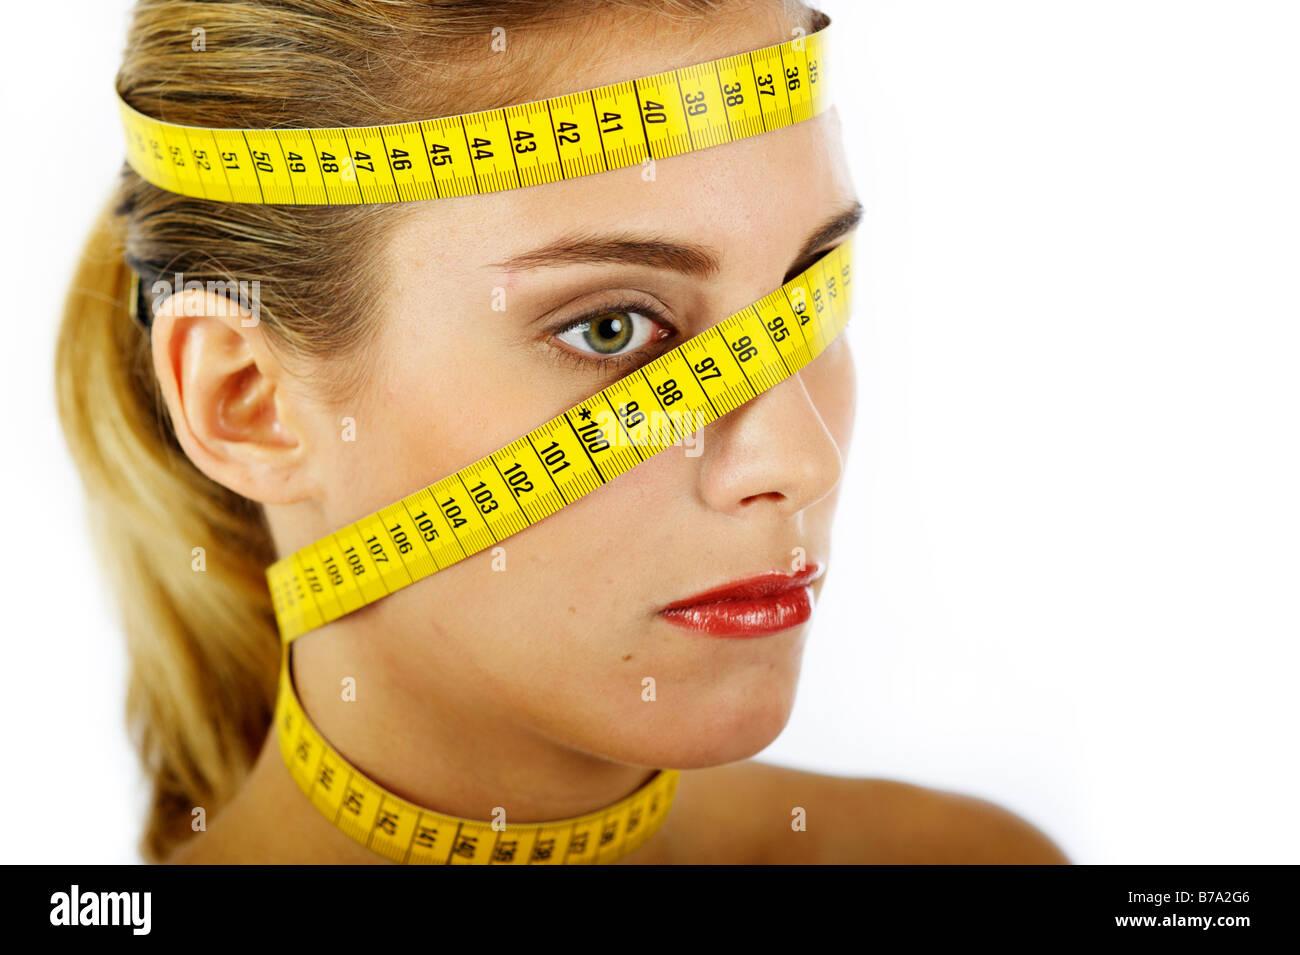 Jeune femme avec mètre à ruban enroulé autour de la tête et du cou Photo Stock